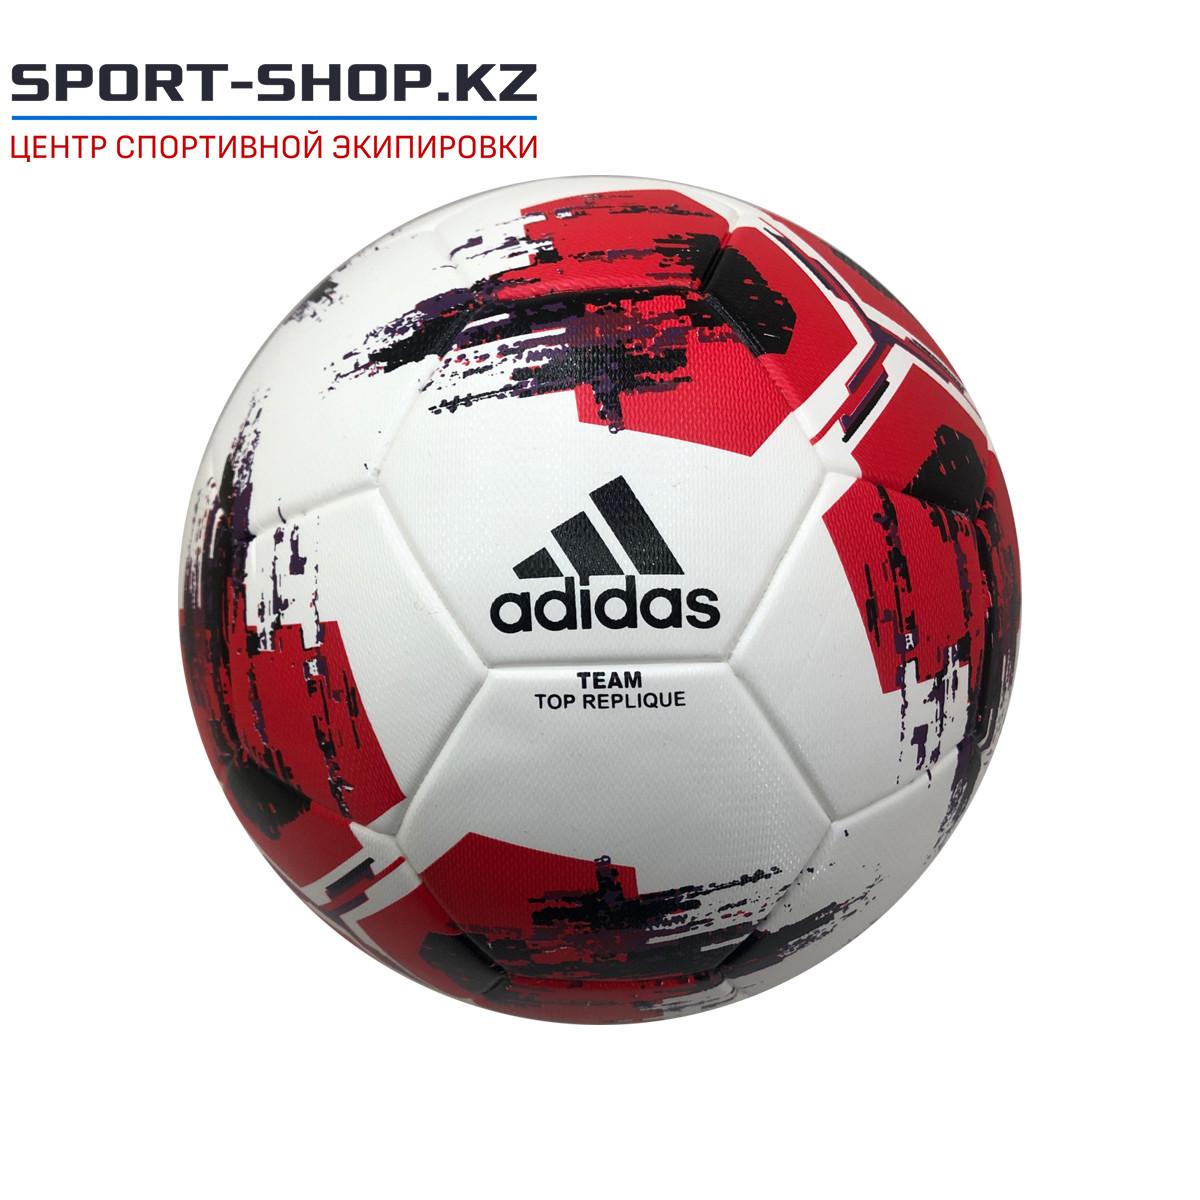 Футбольный мяч Adidas Team